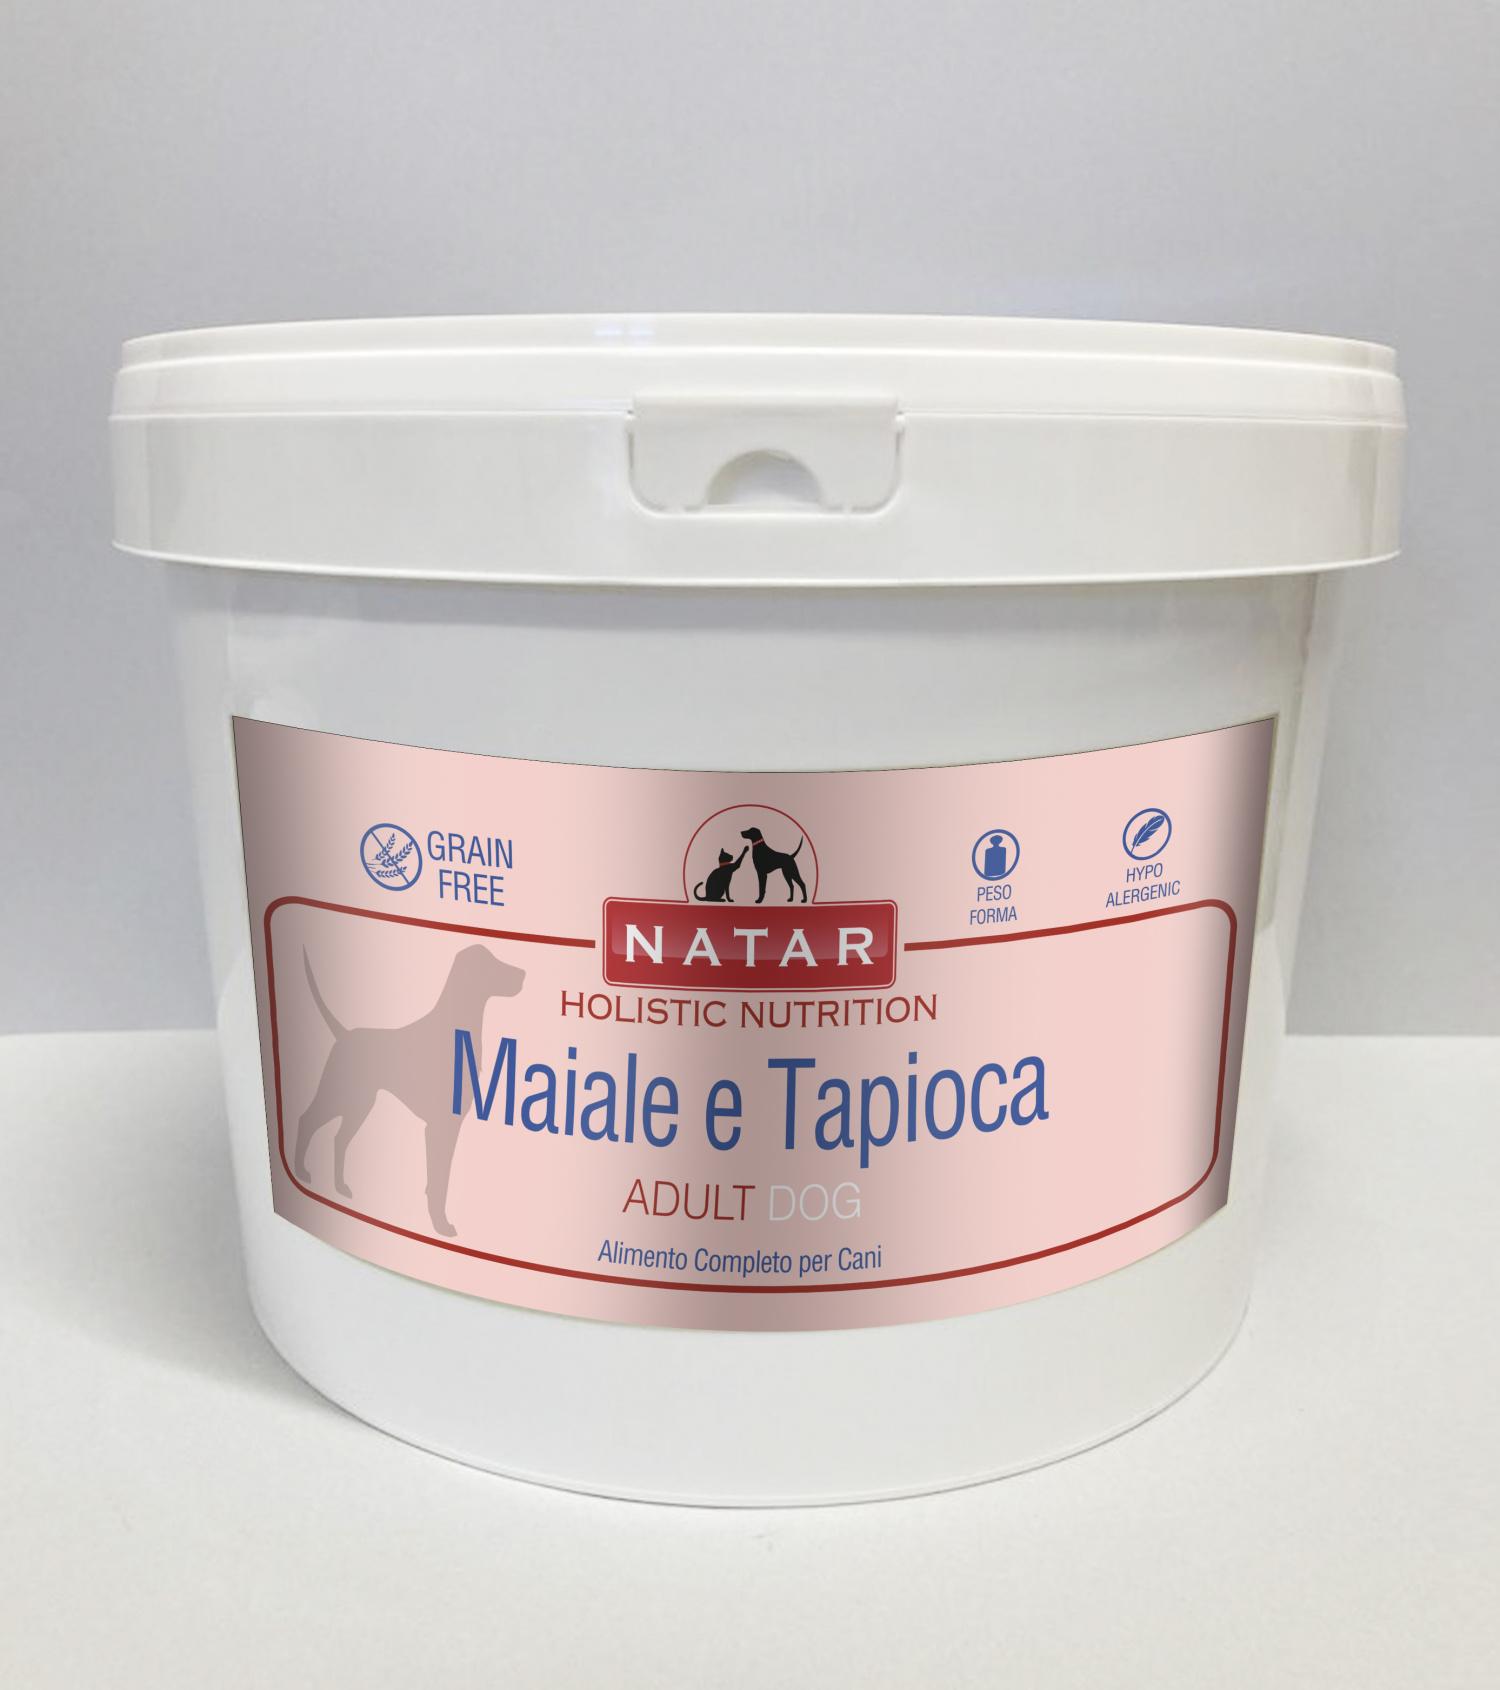 Pork and Tapioca